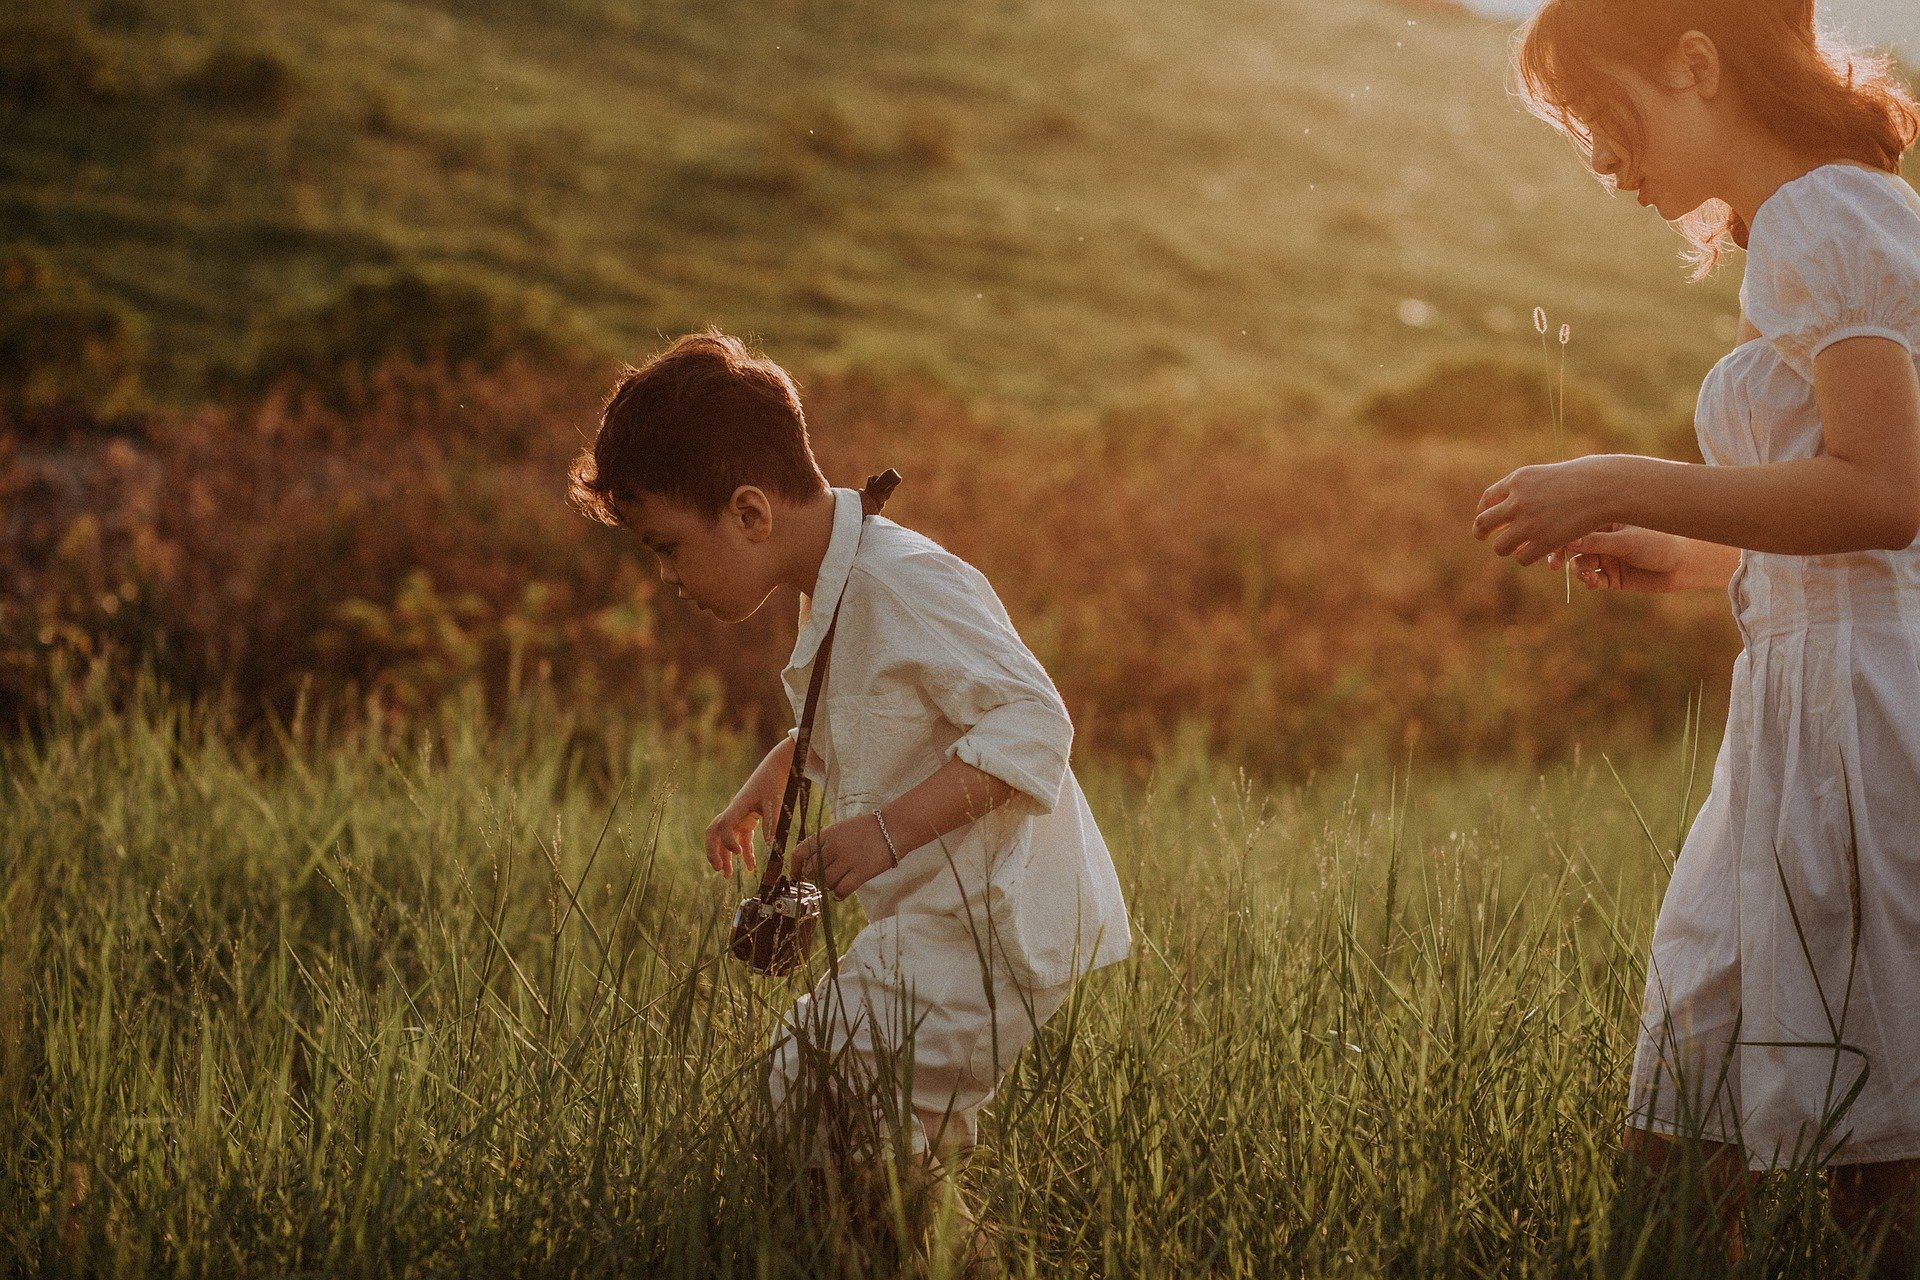 madre e figlio in un campo intenti ad osservare qualcosa nel prato